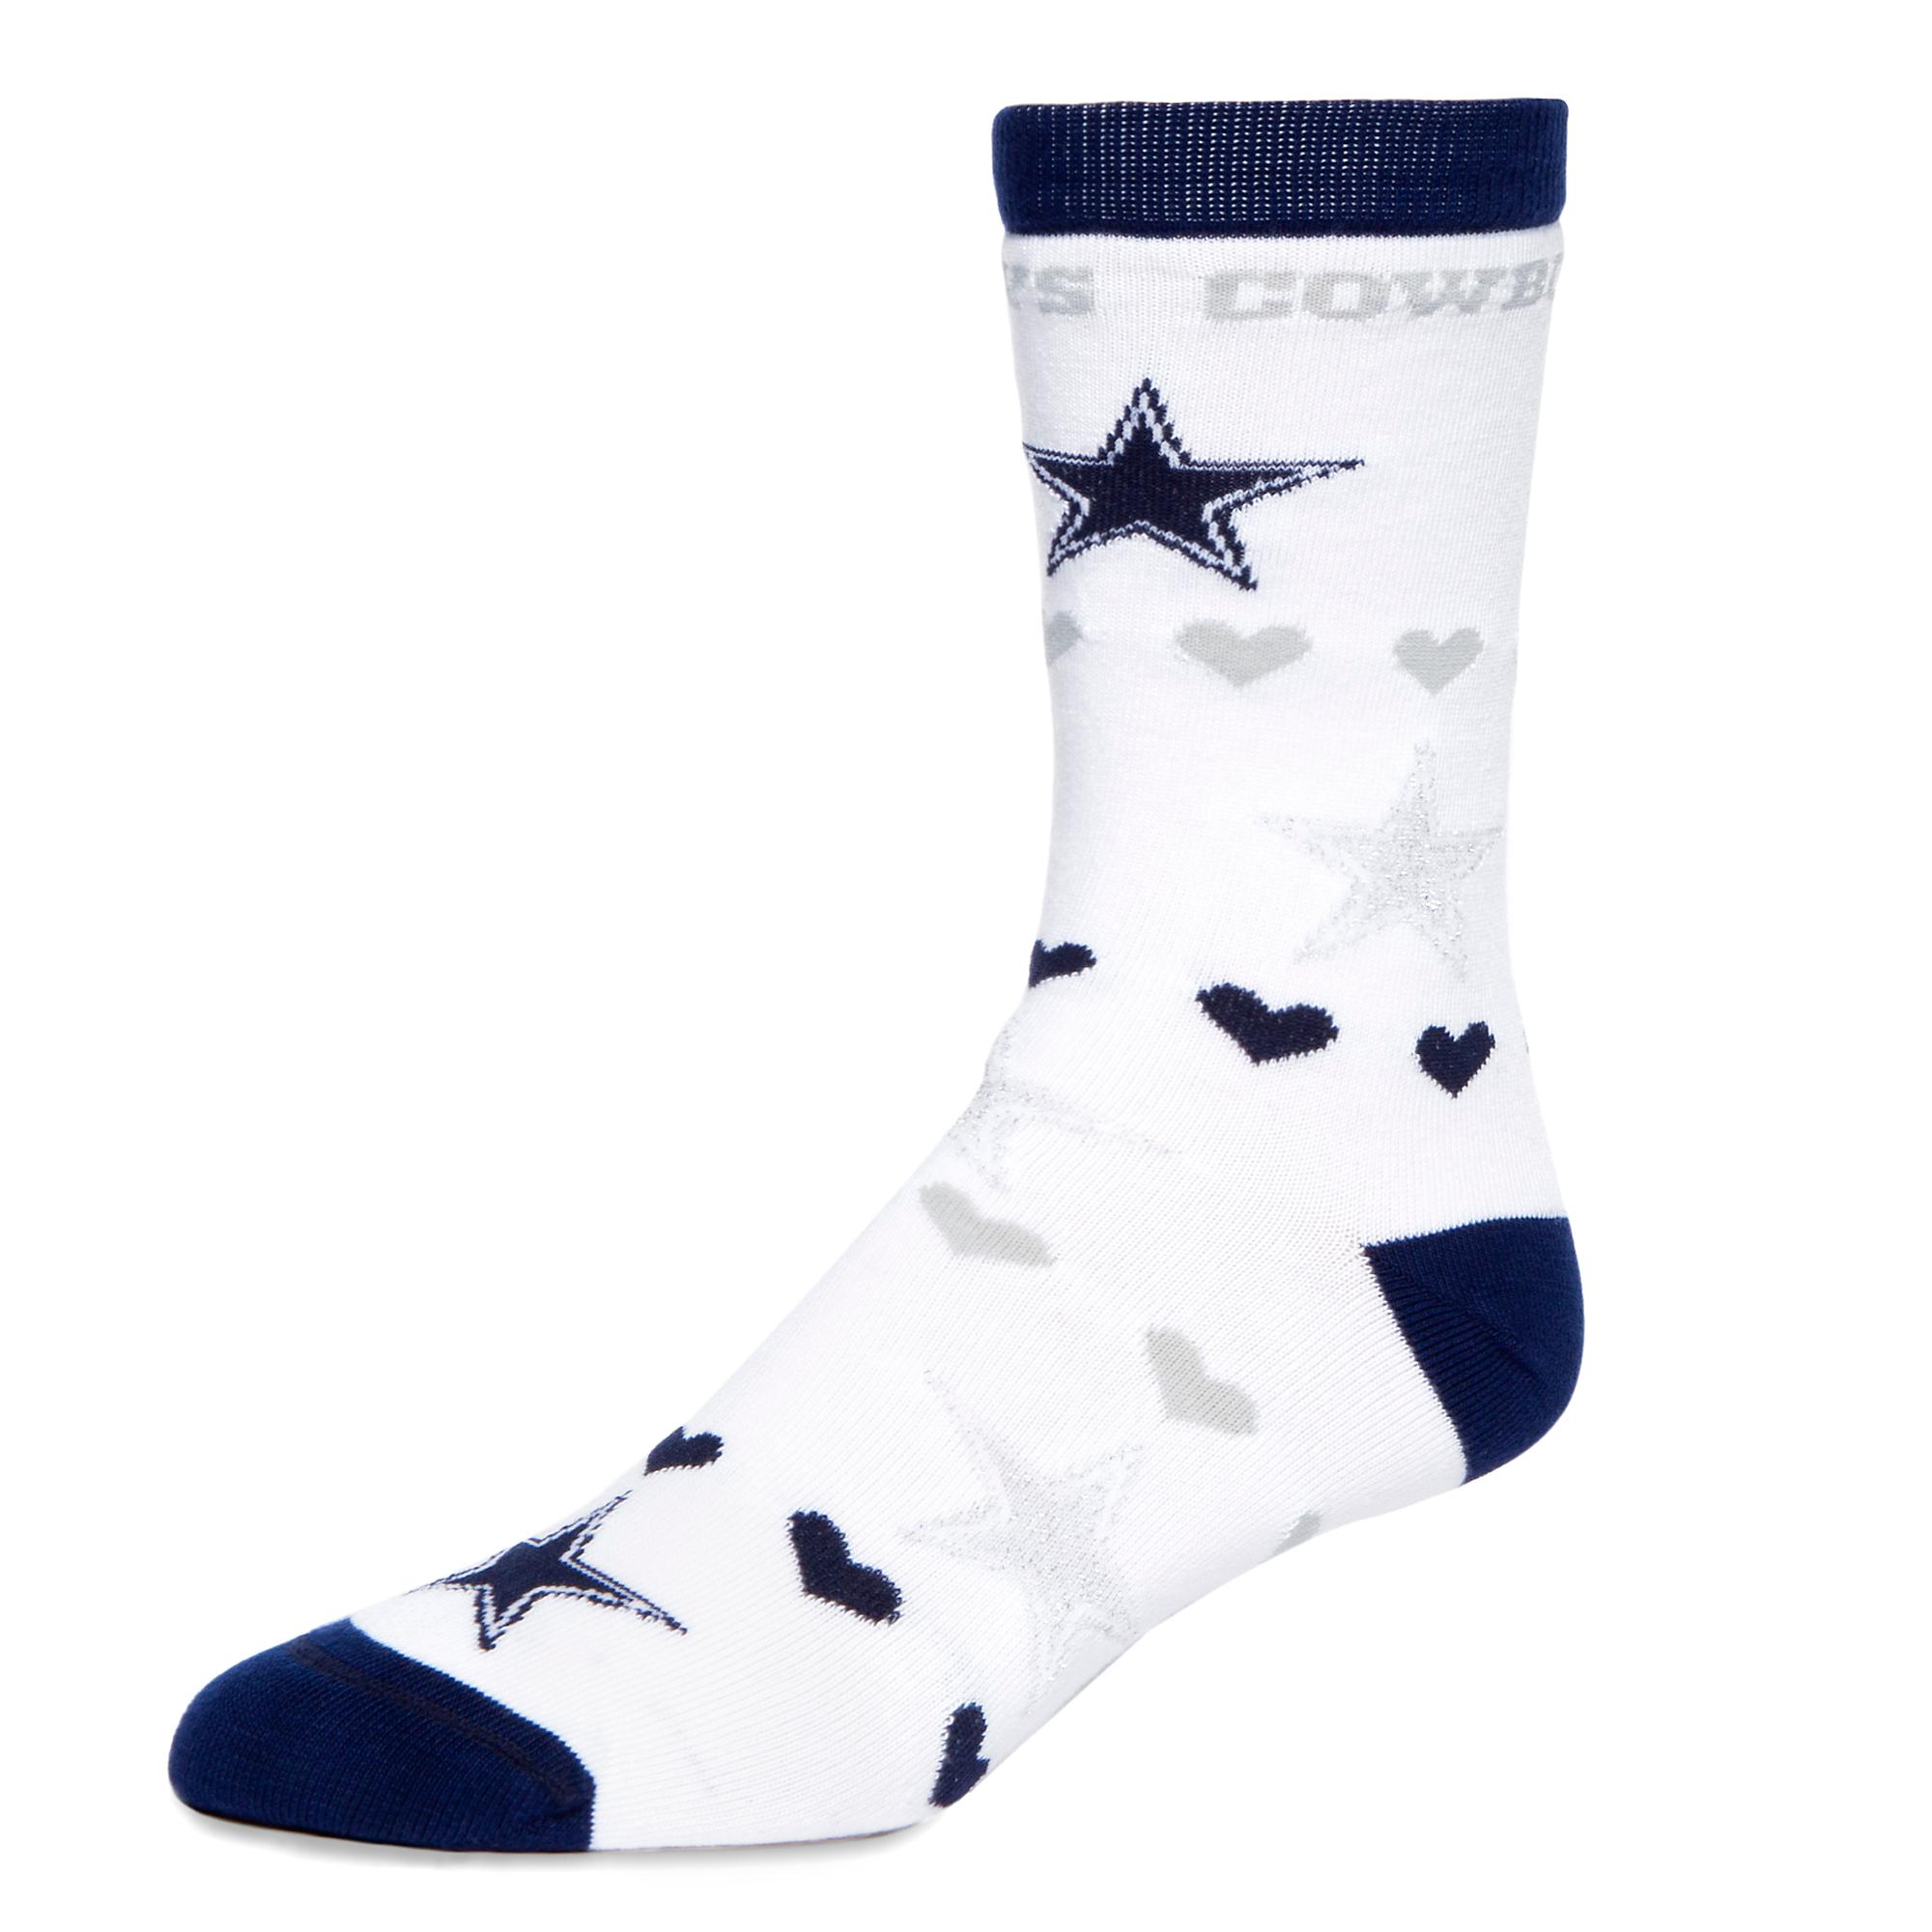 Dallas Cowboys Logos and Hearts Socks